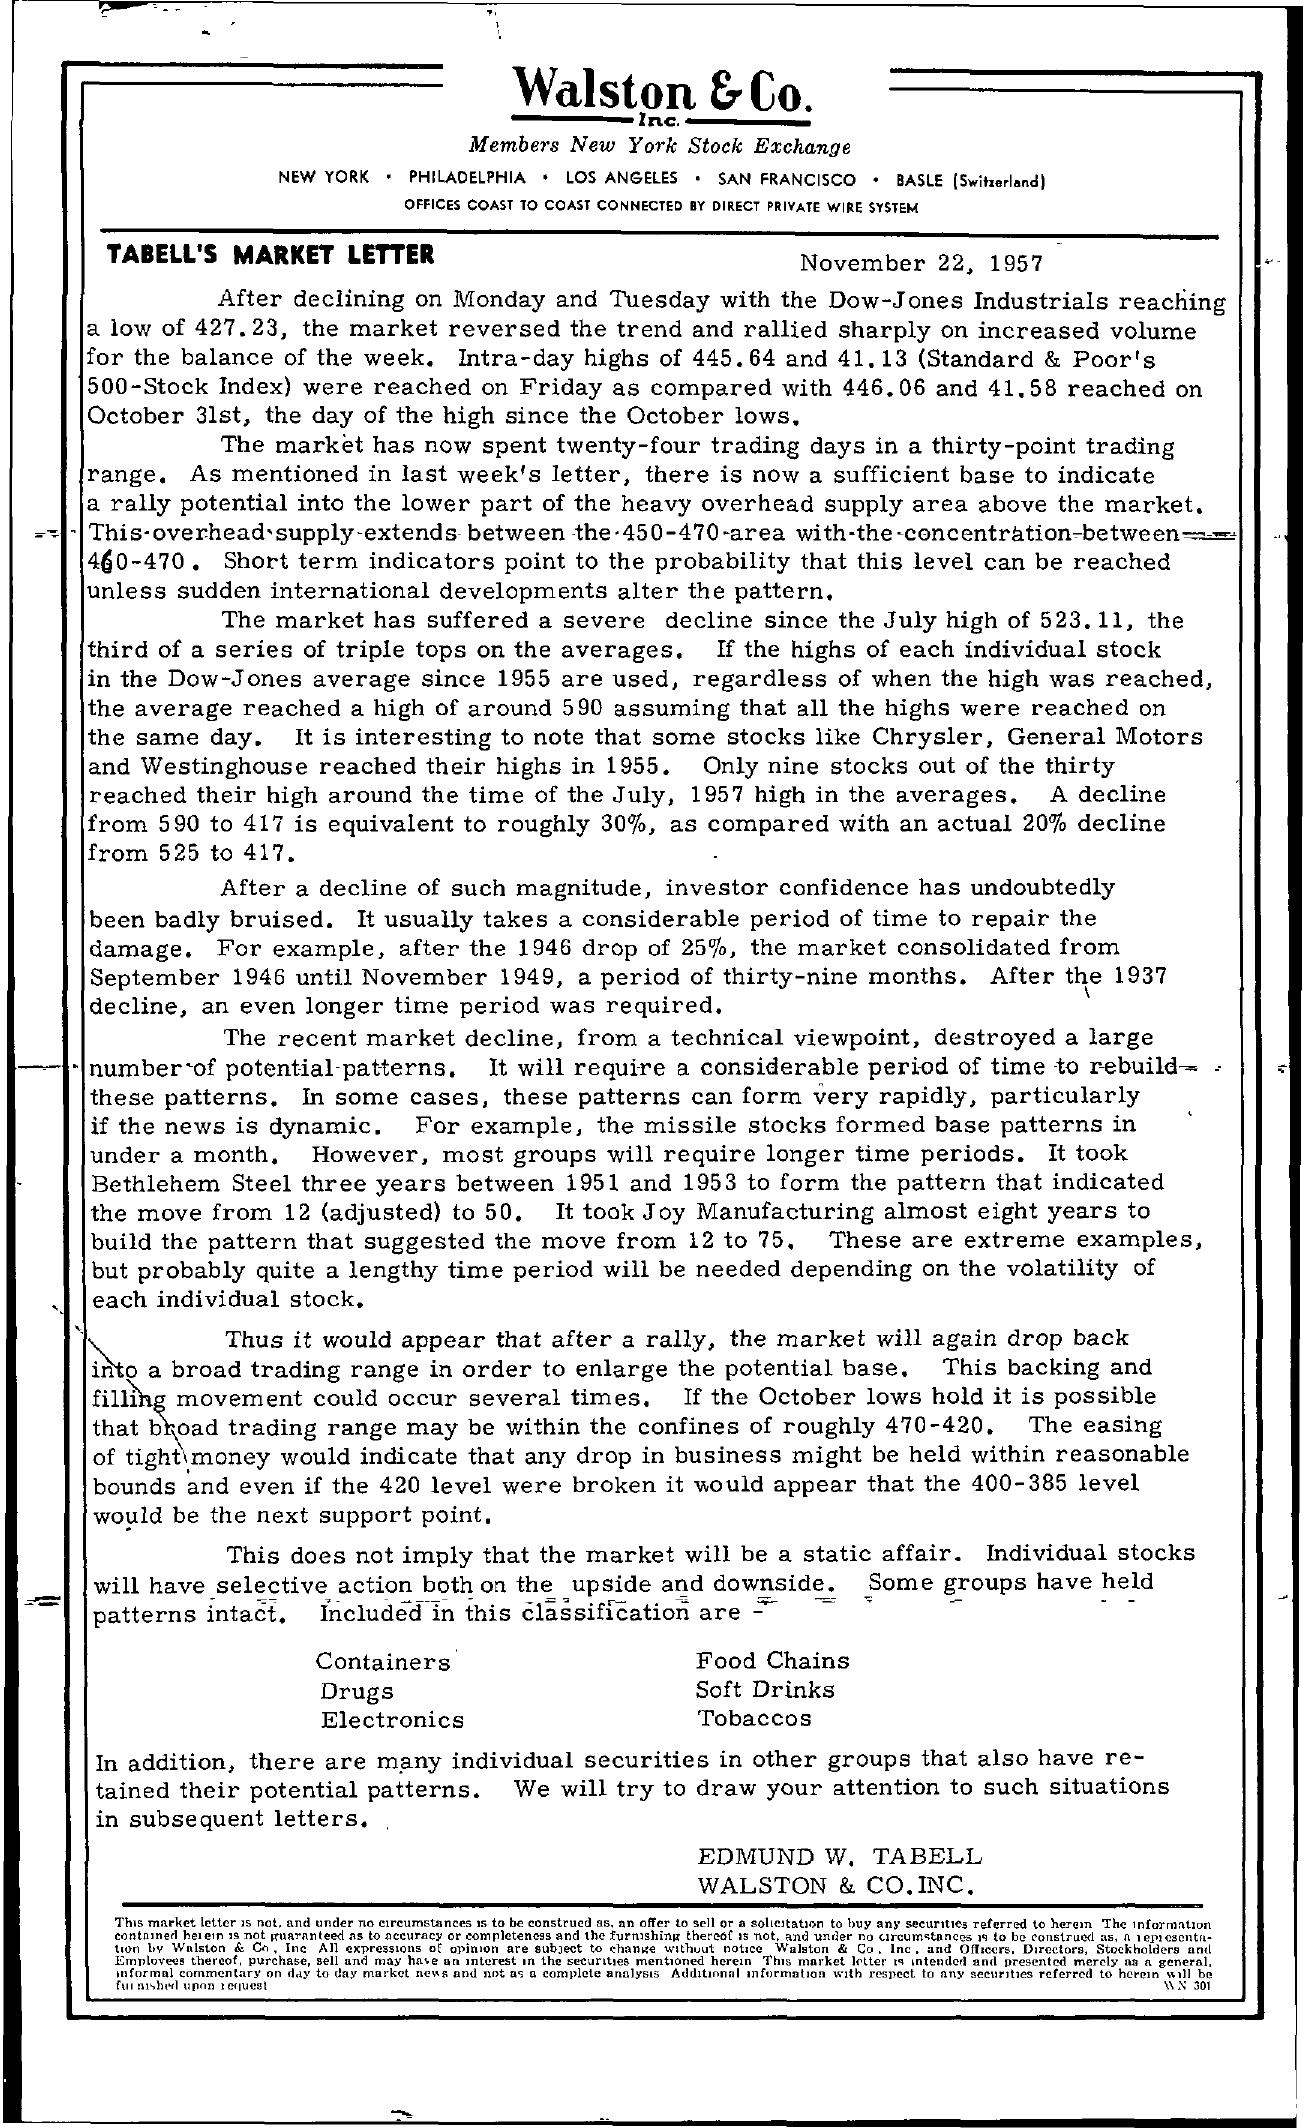 Tabell's Market Letter - November 22, 1957